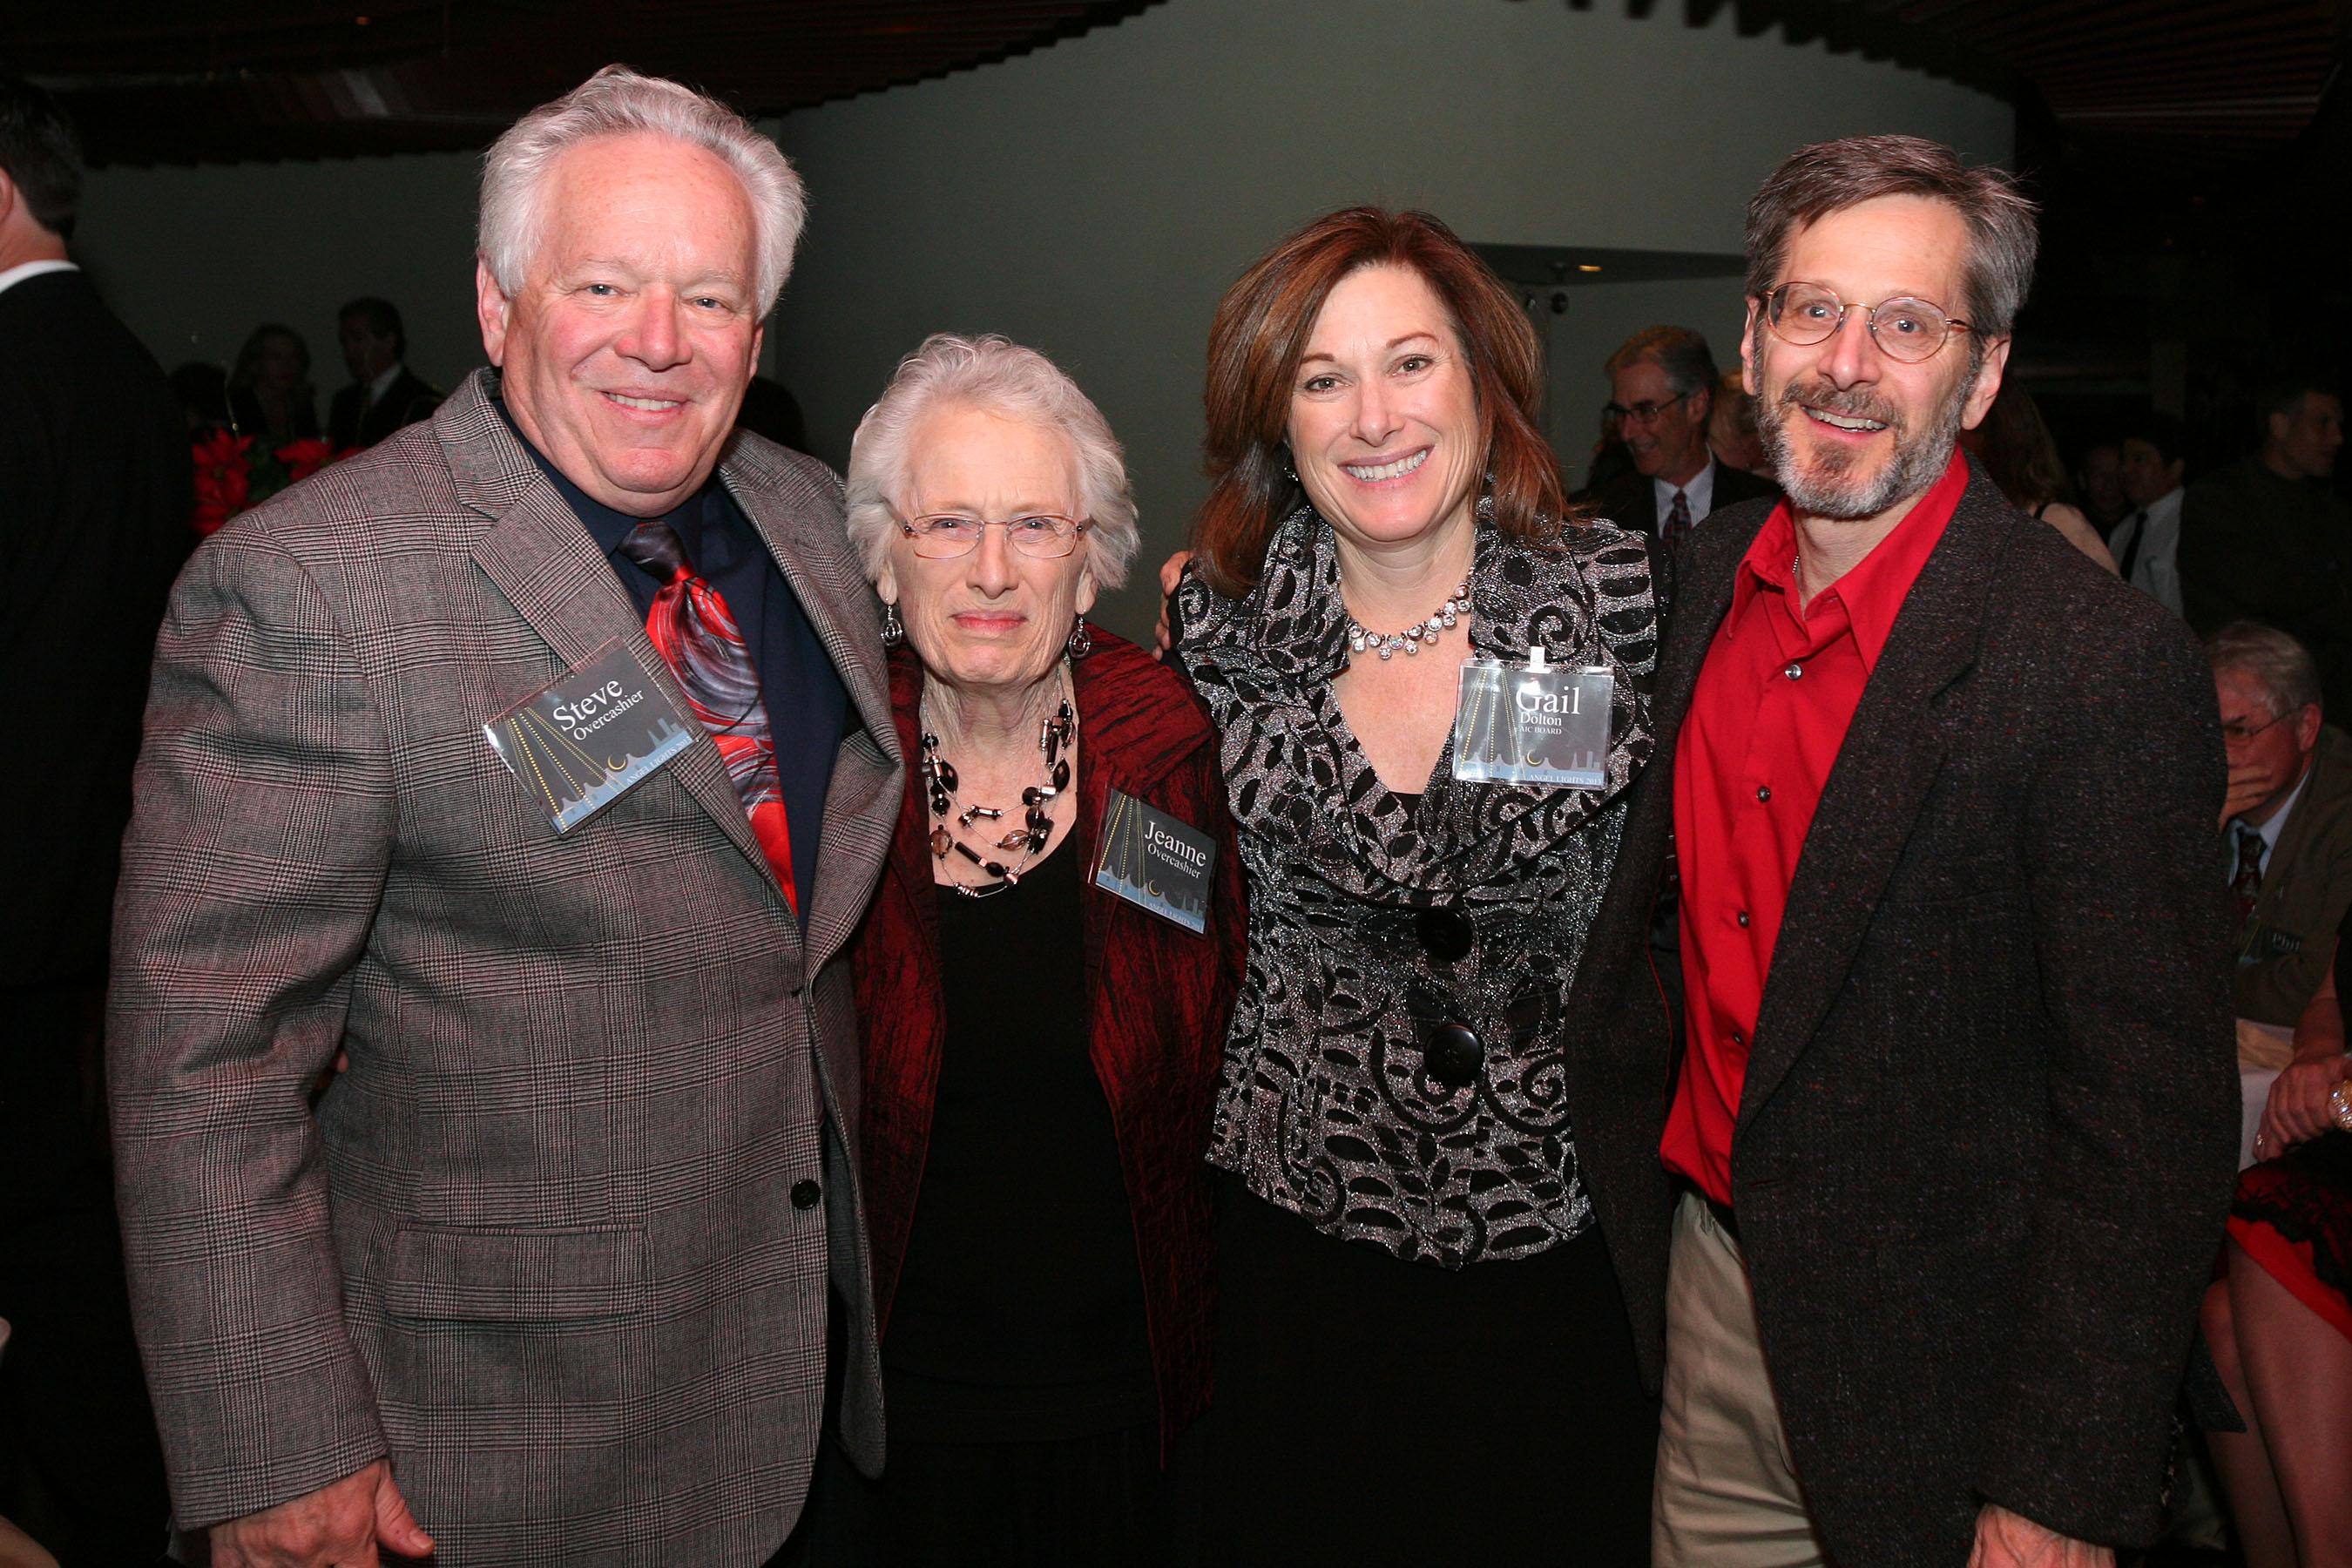 Steve Overcashier, Jeanne overcashier, Gail Dolton, and David Overcashier